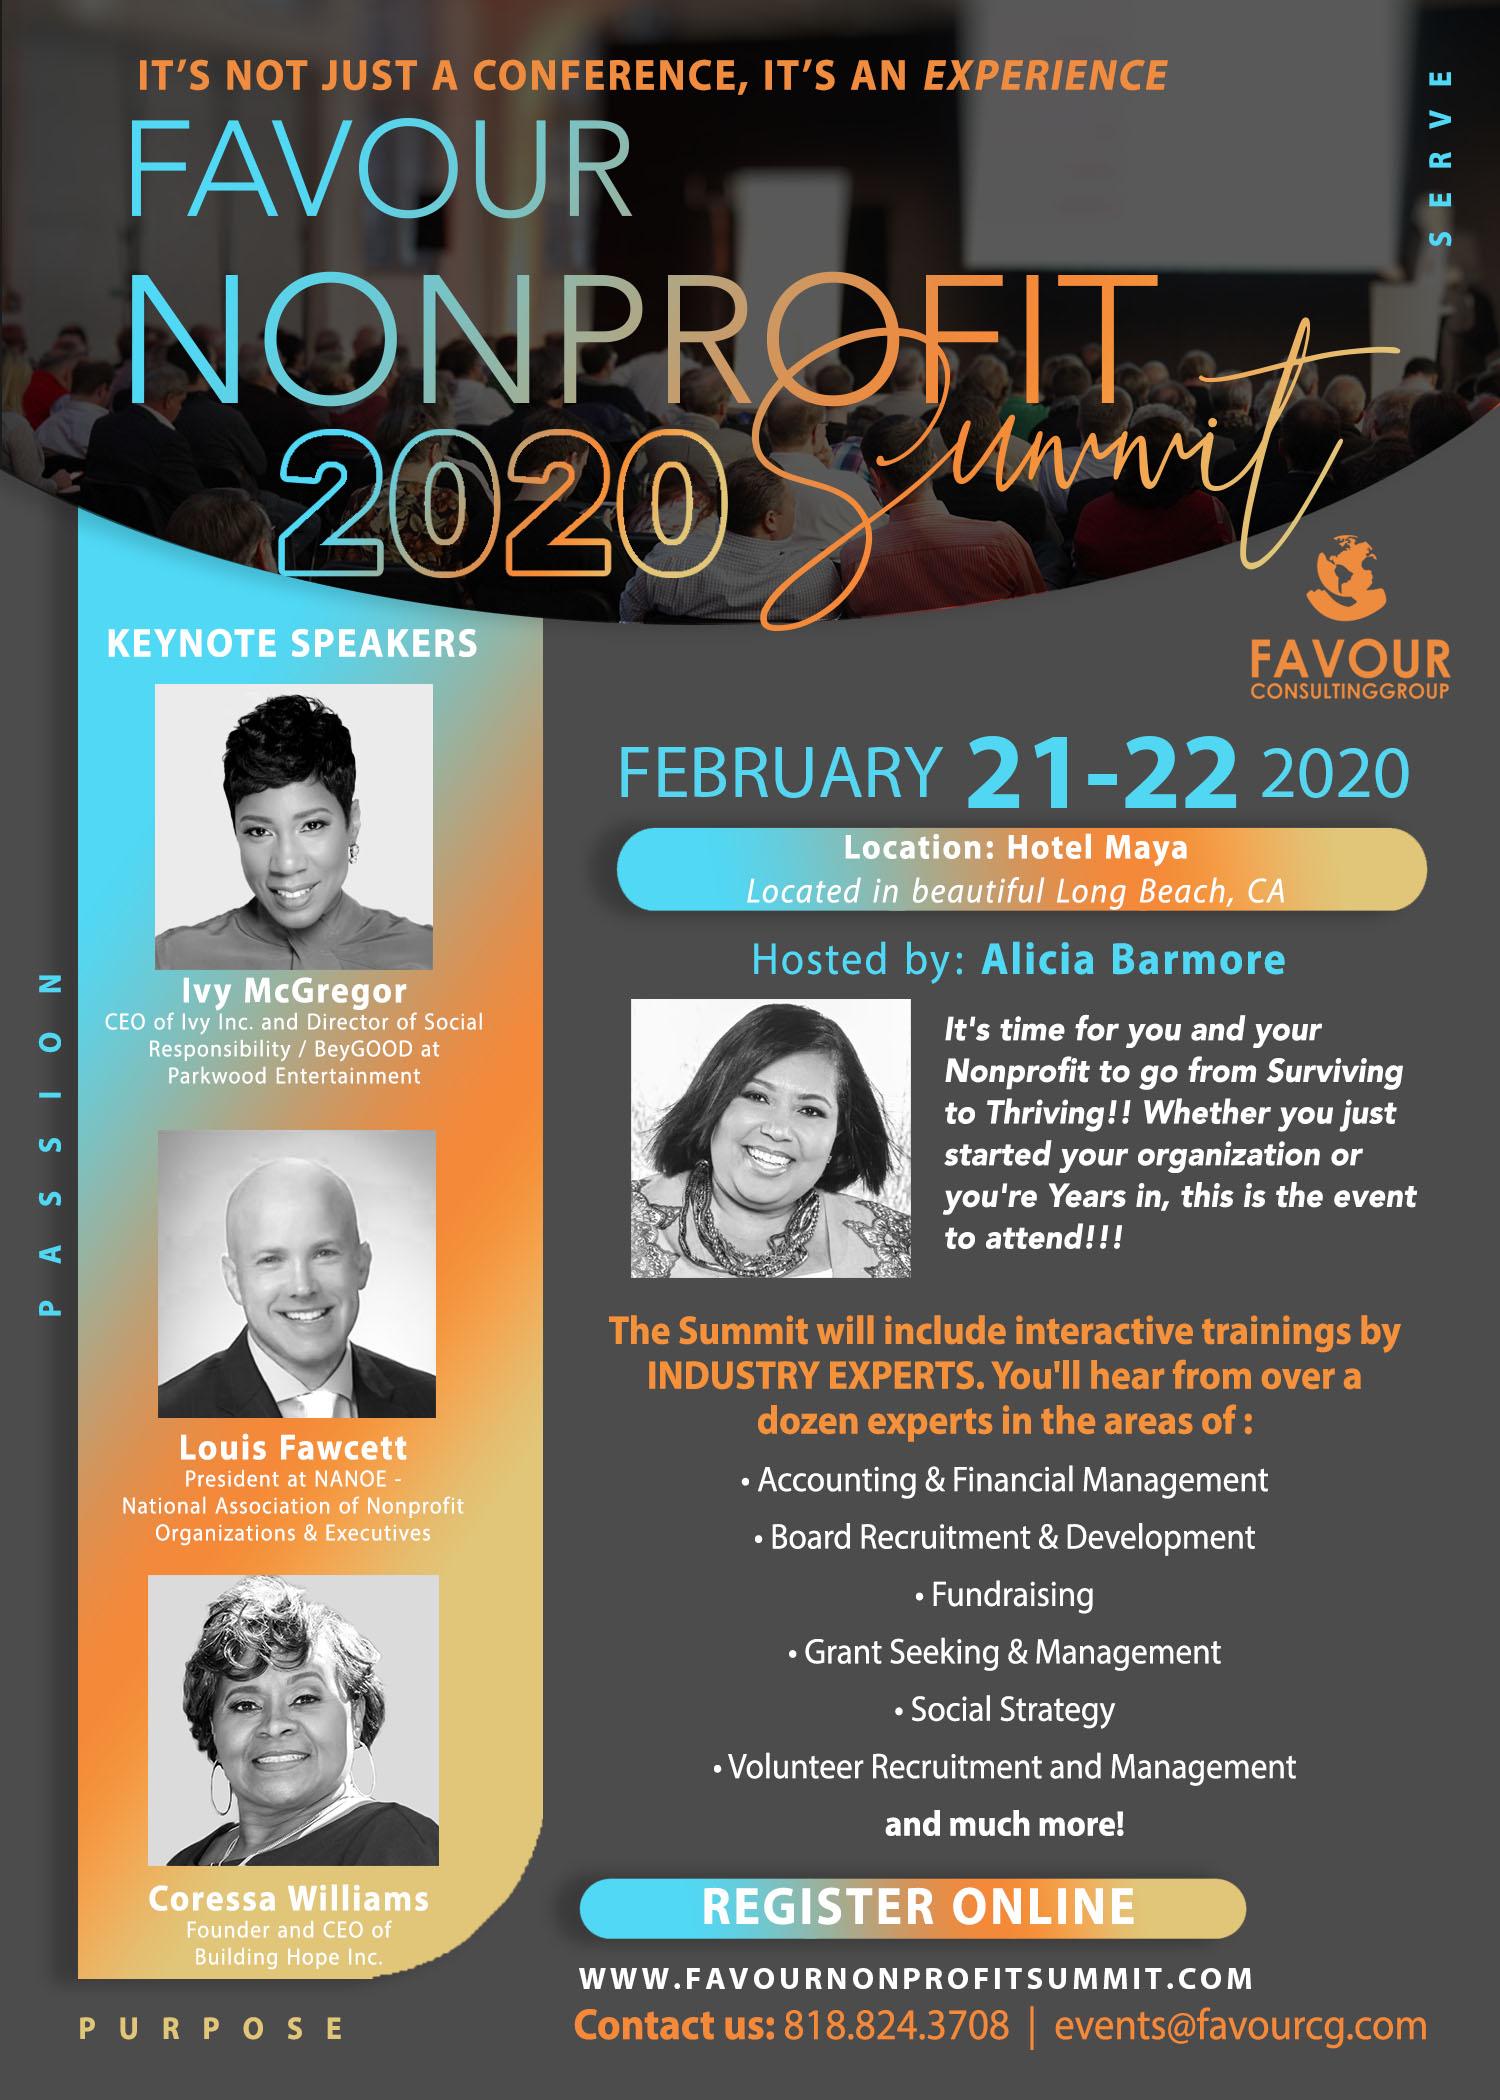 Favour Nonprofit Summit